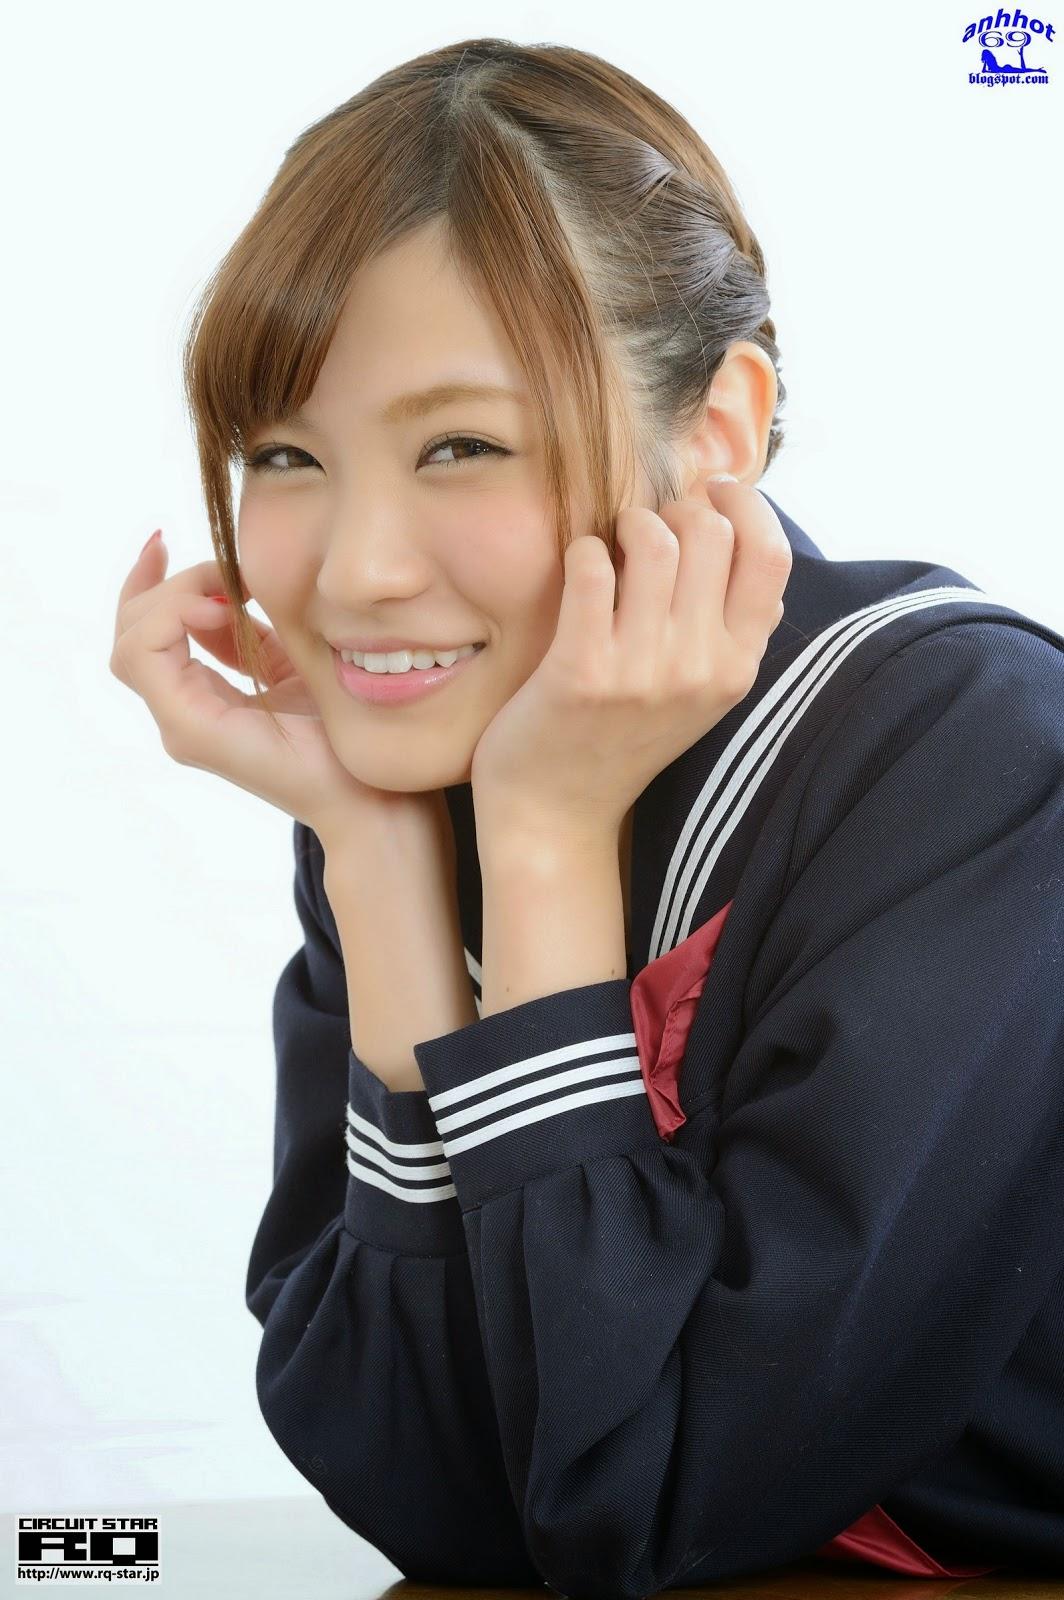 haruka-kanzaki-02420719